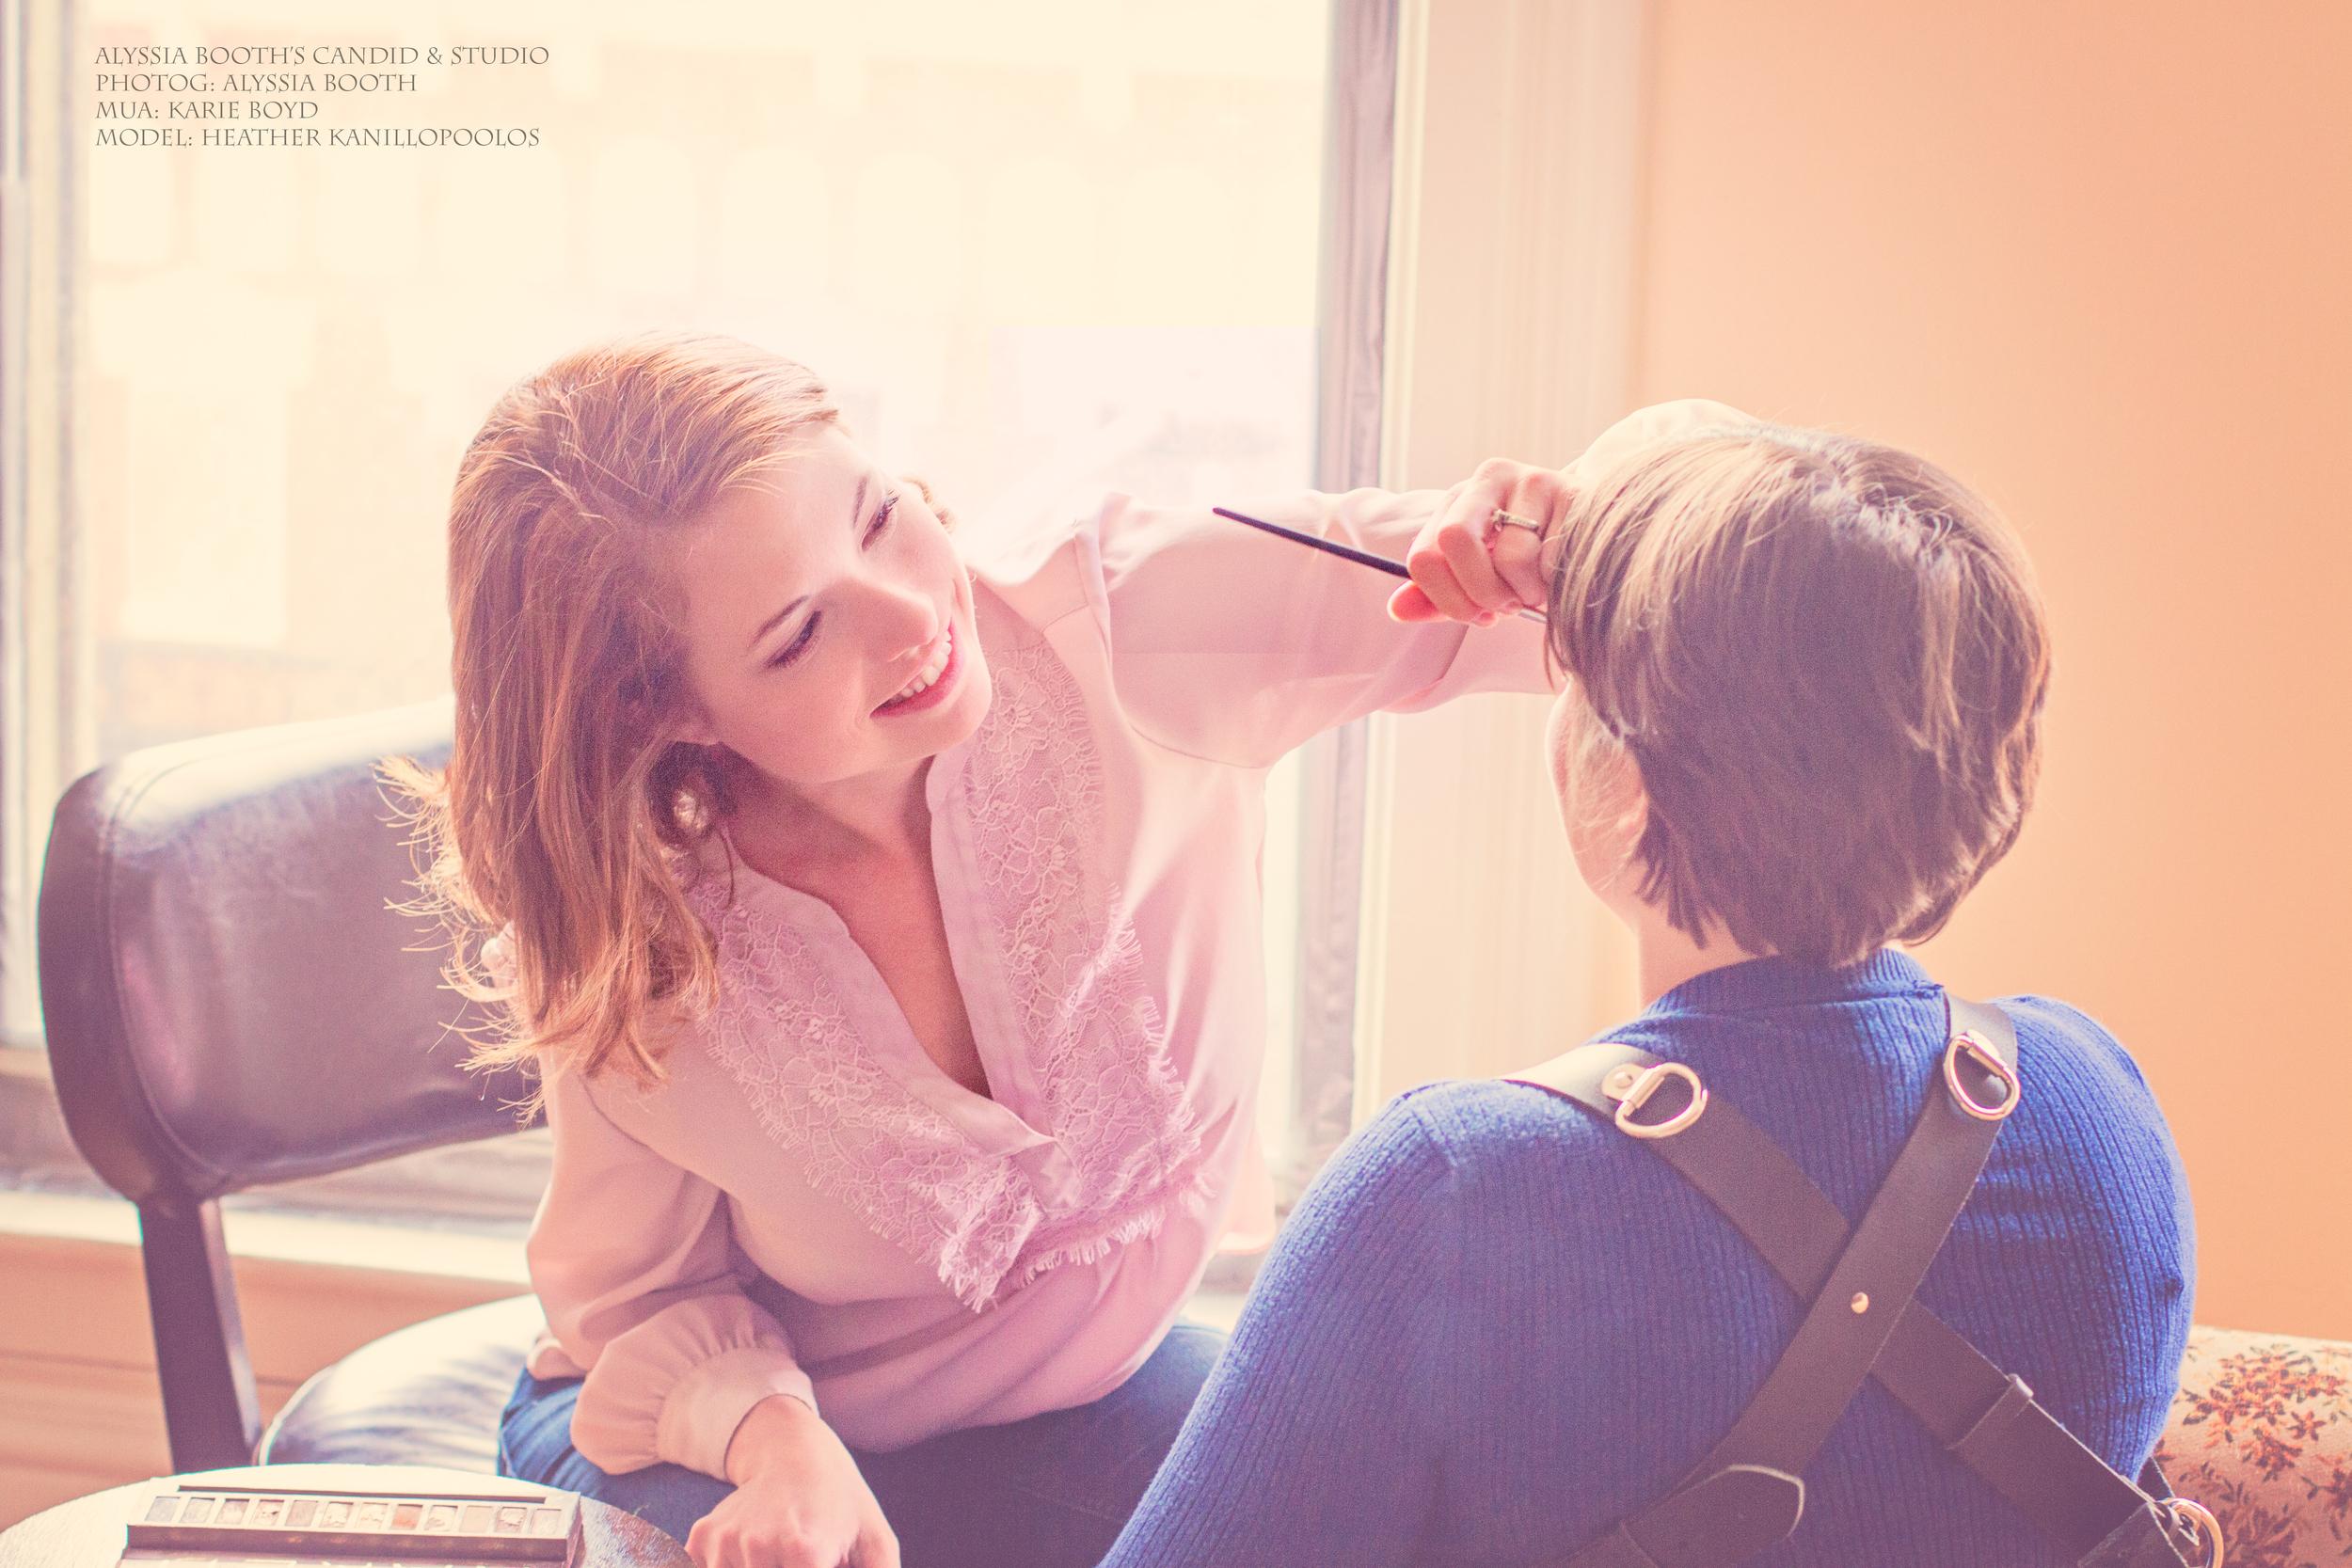 Karie doing Heather's makeup.